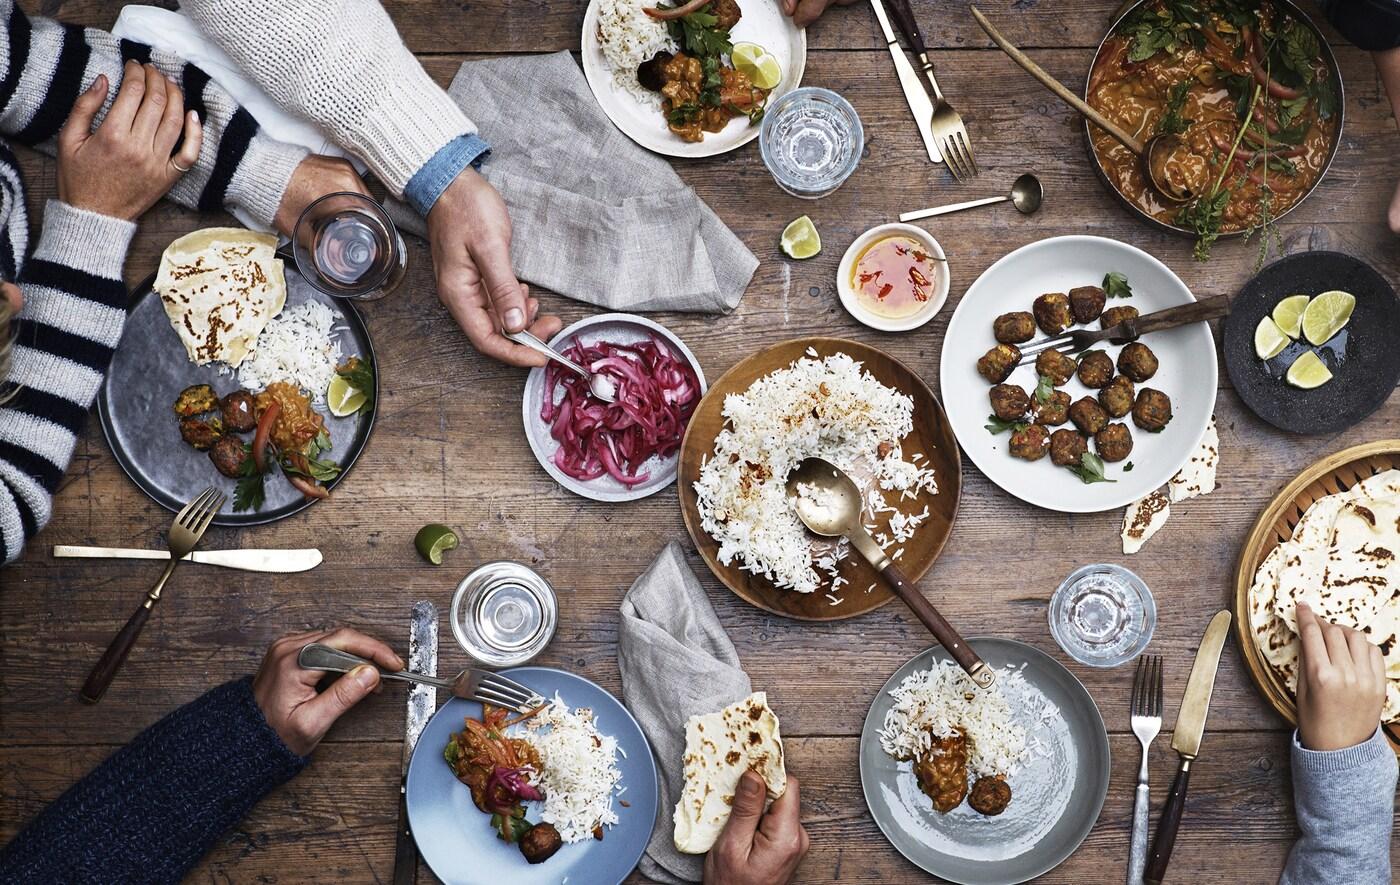 Lihapullat, riisi ja suolakurkut puisella pöydällä.